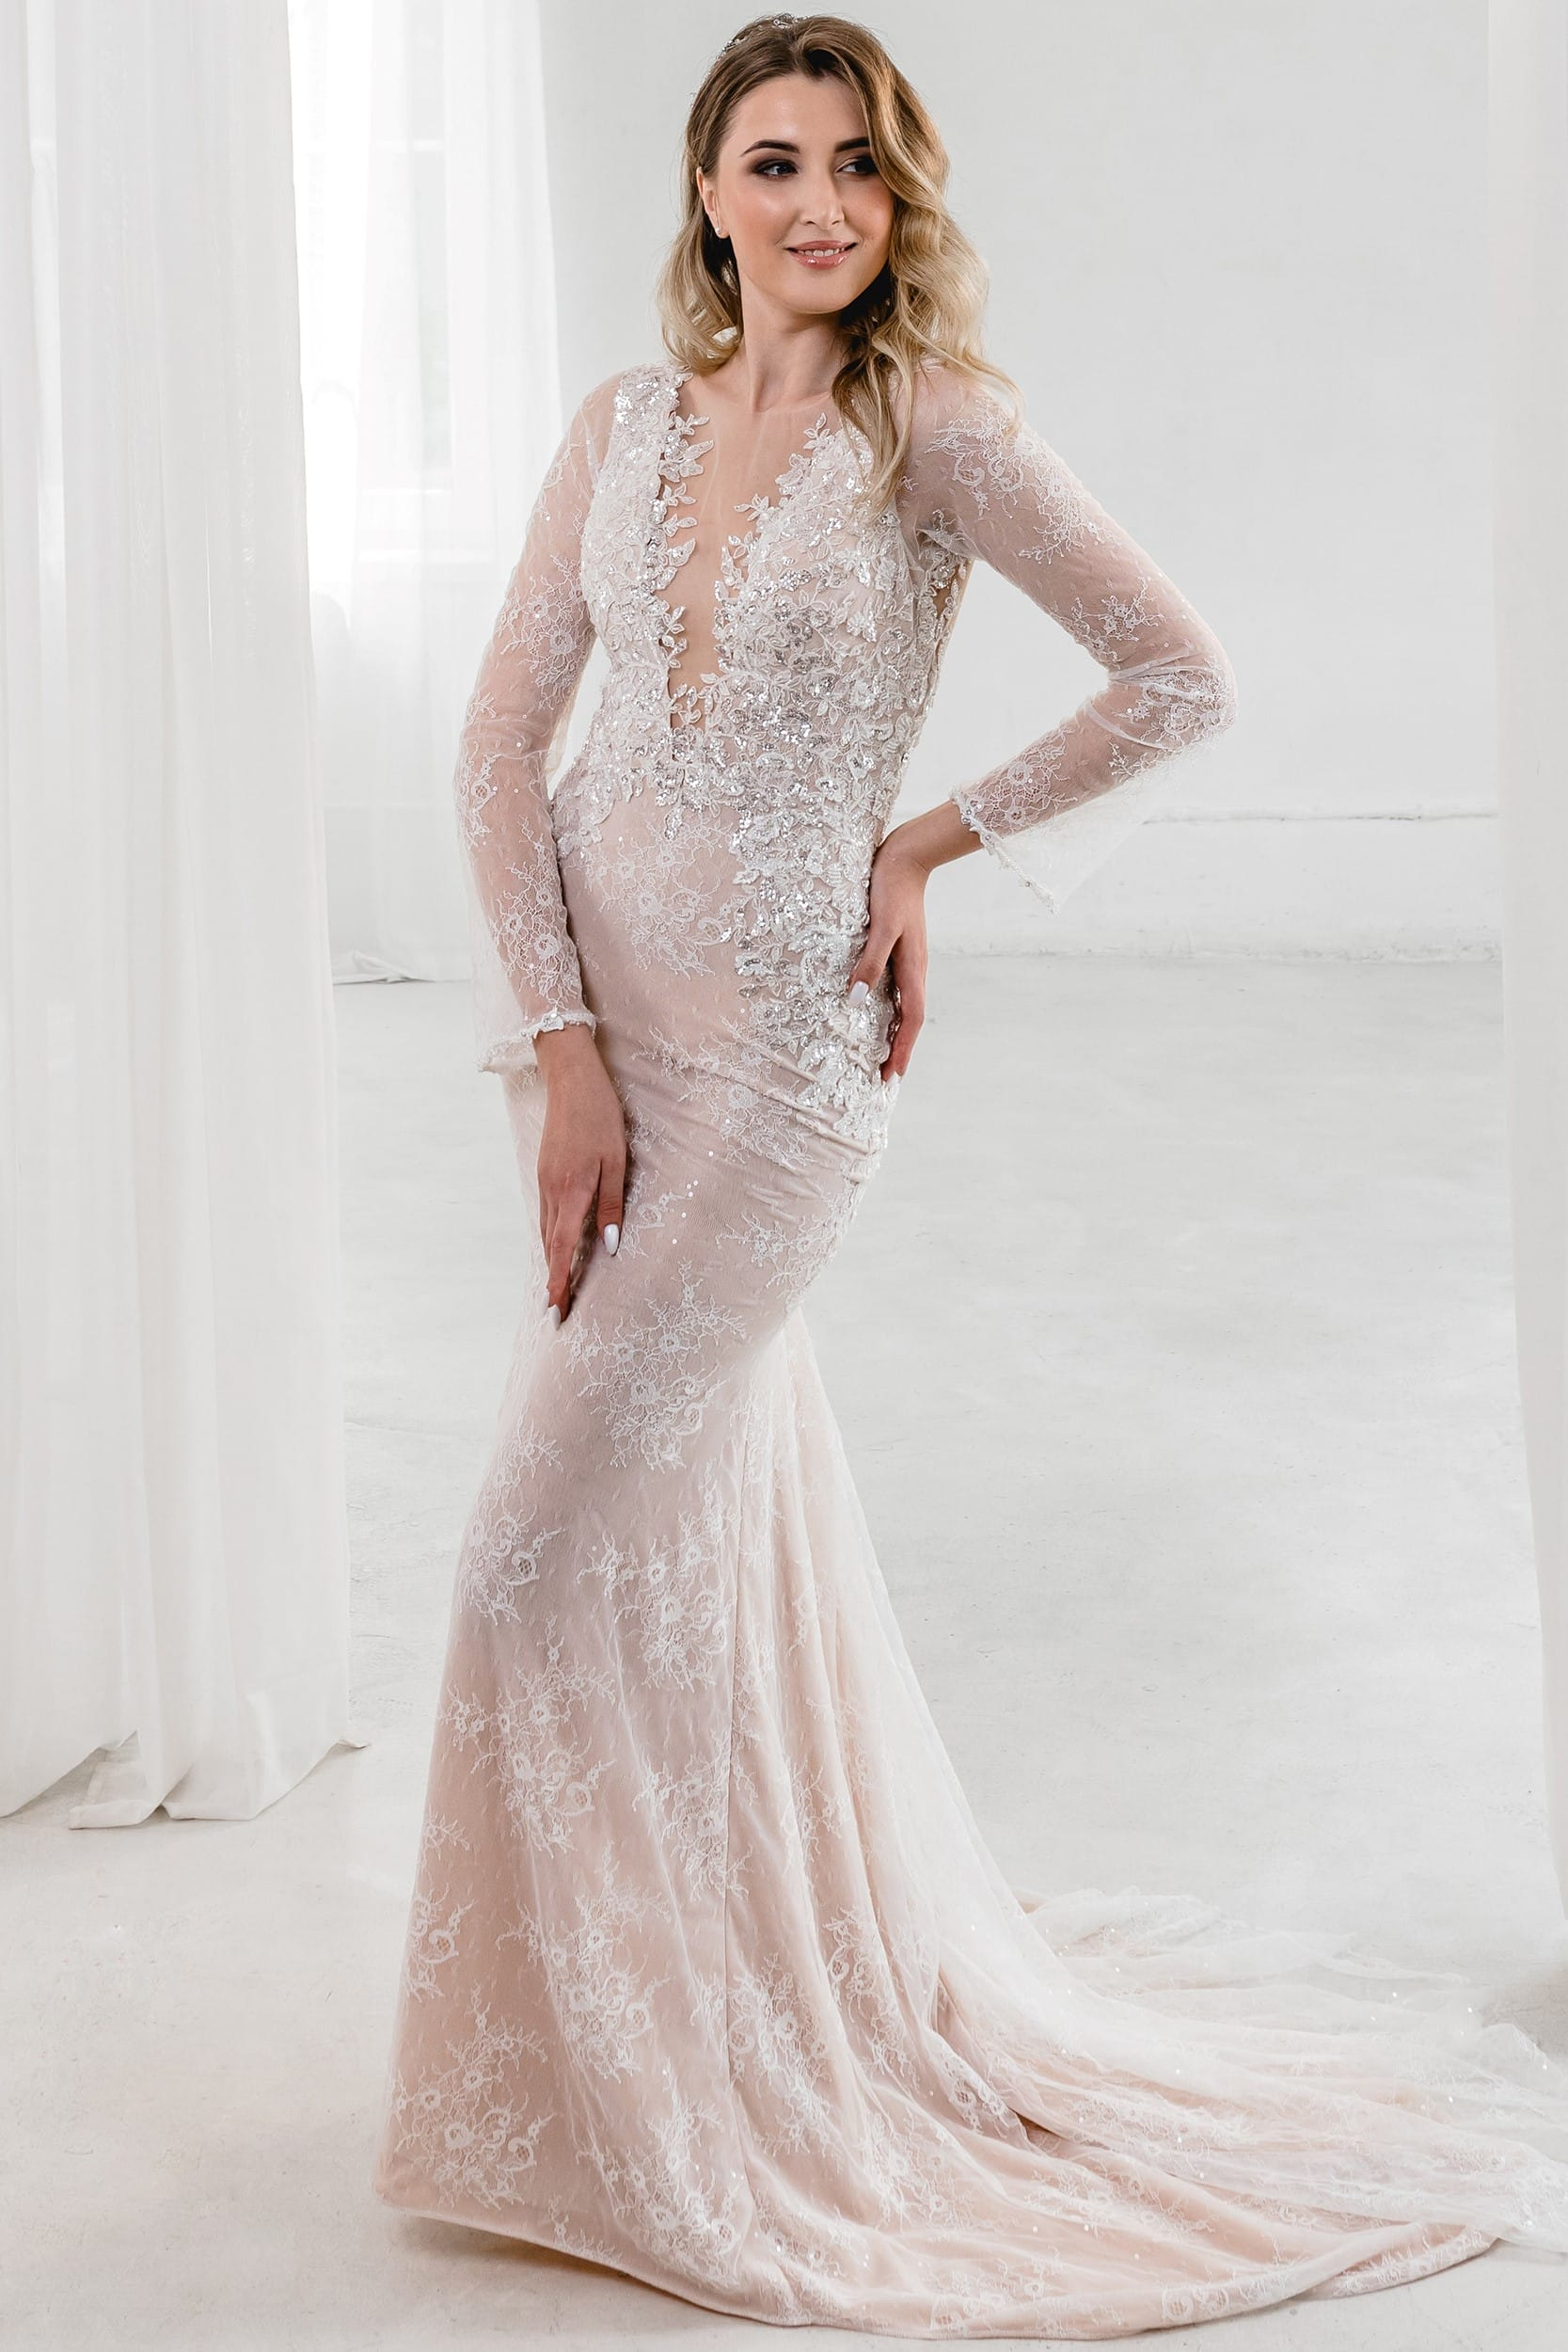 Cвадебное платье рыбка с красивой открытой спинкой и невероятным кружевом. Песочный цвет, классический стиль